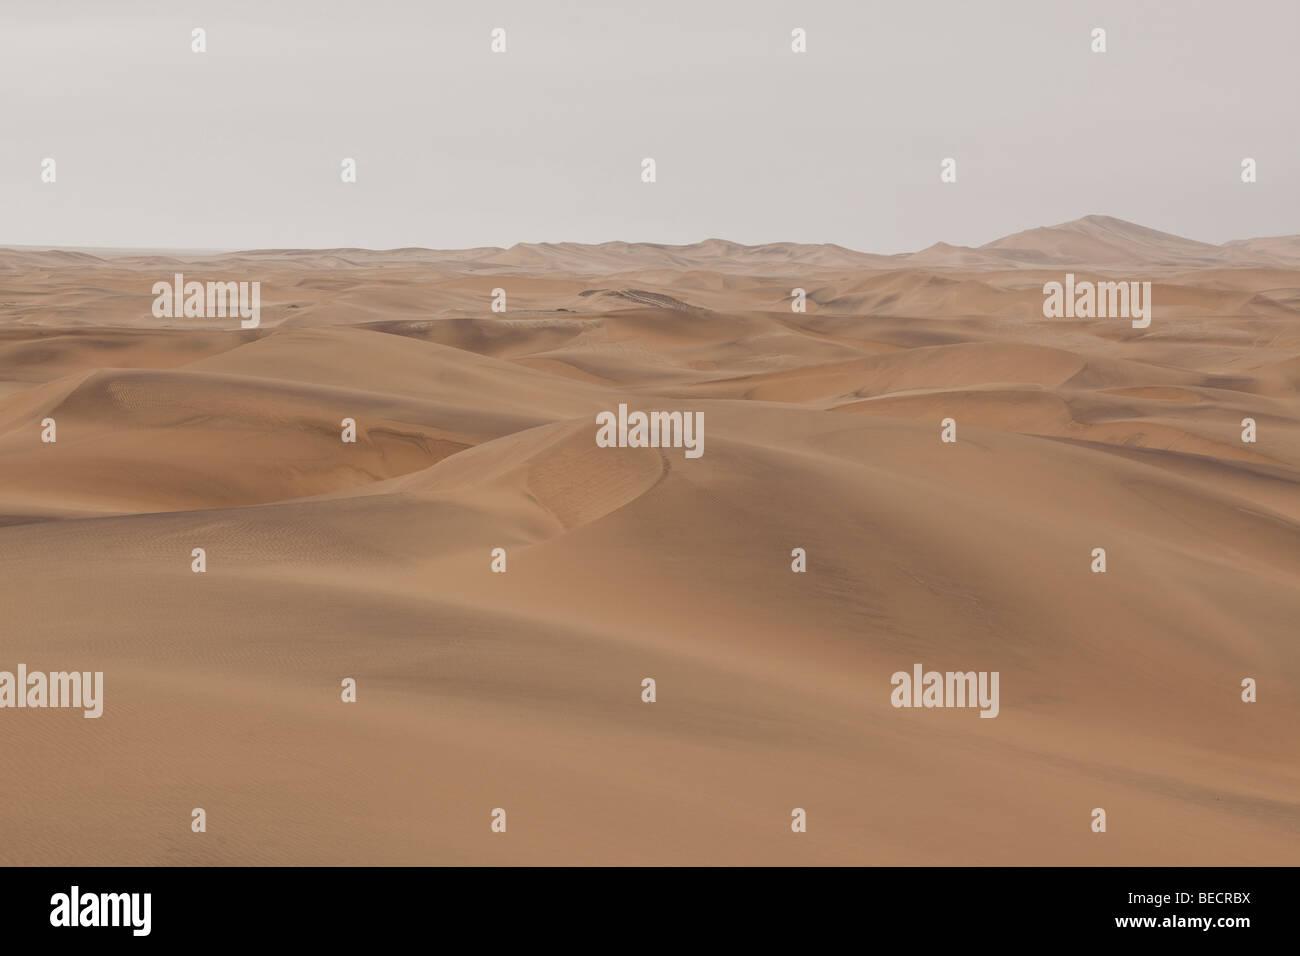 Sanddünen in der Nähe von Swakopmund, Namib-Wüste, Namibia, Afrika Stockbild